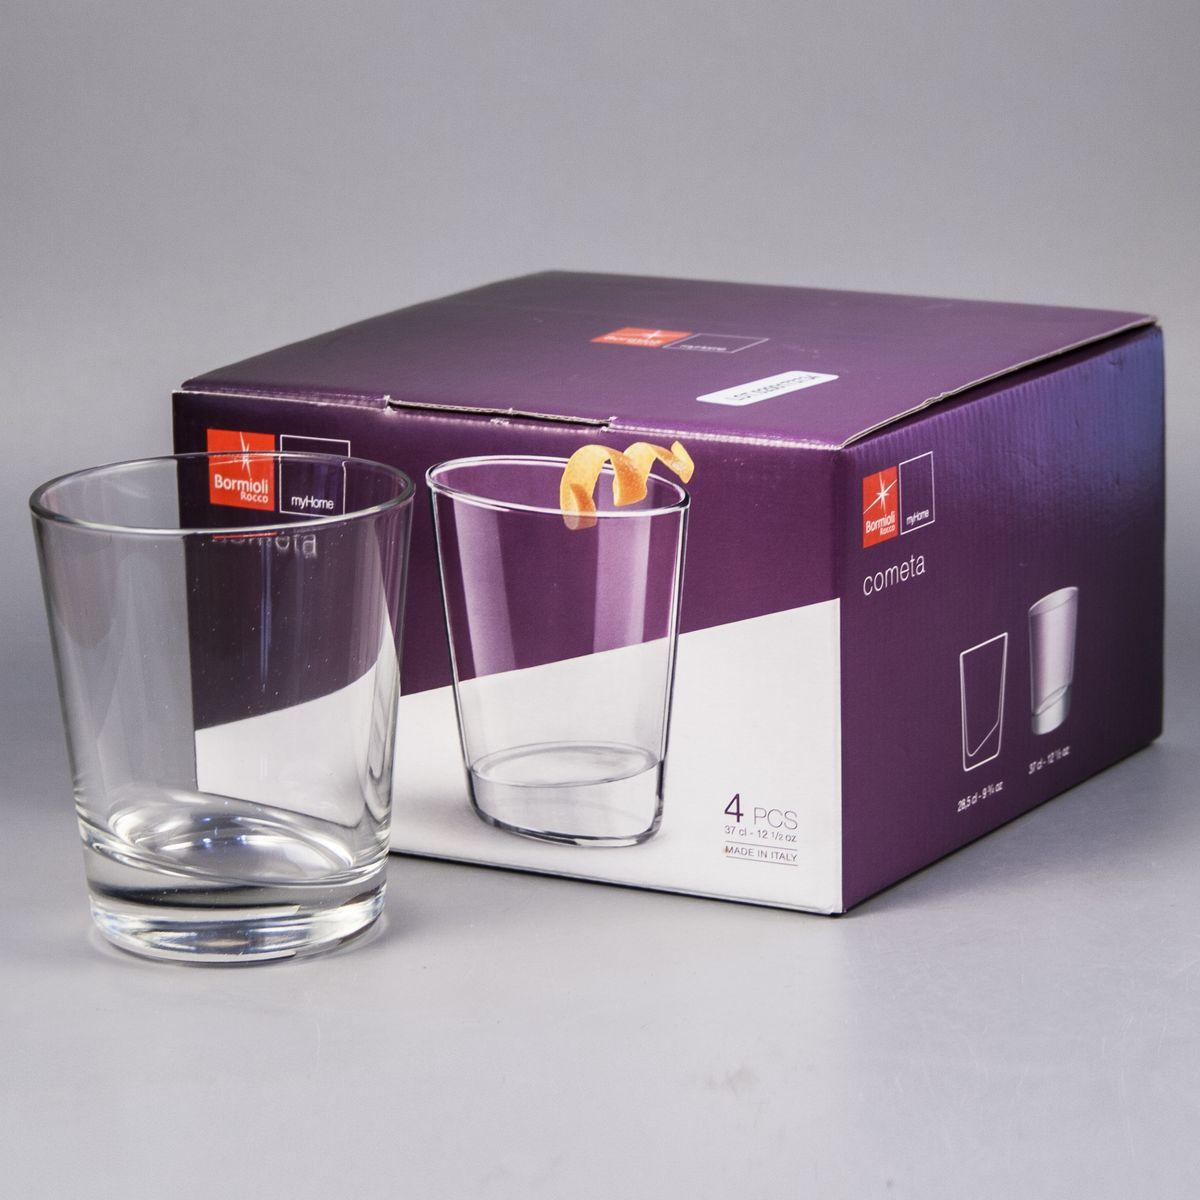 Ит 235120G10021990 Набор стаканов 4шт. Cometa, стакан 370мл, п/уVT-1520(SR)Ит 235120G10021990 Набор стаканов 4шт. Cometa, стакан 370мл, п/у Материал: стекло; цвет: прозрачный